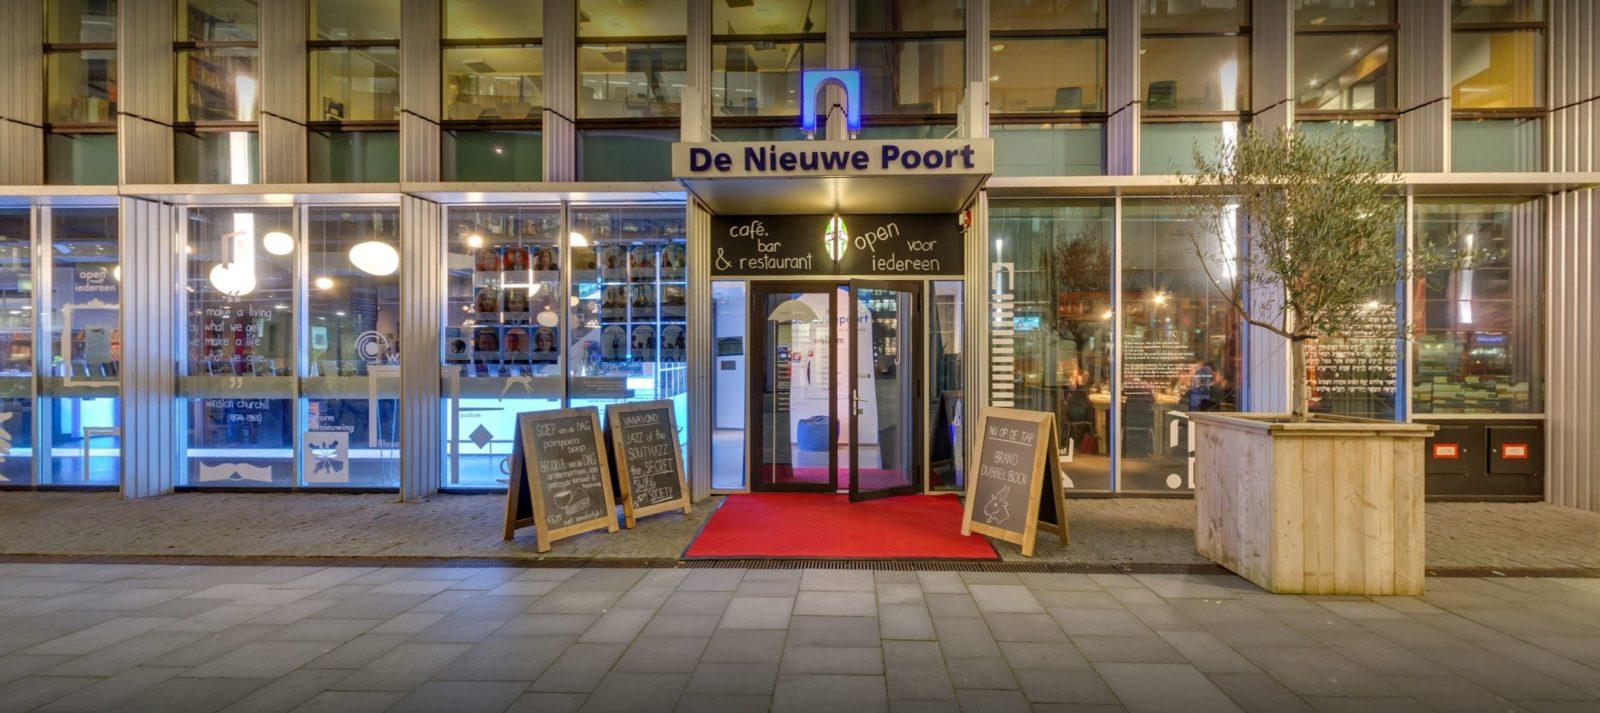 De-NIeuwe-Poort